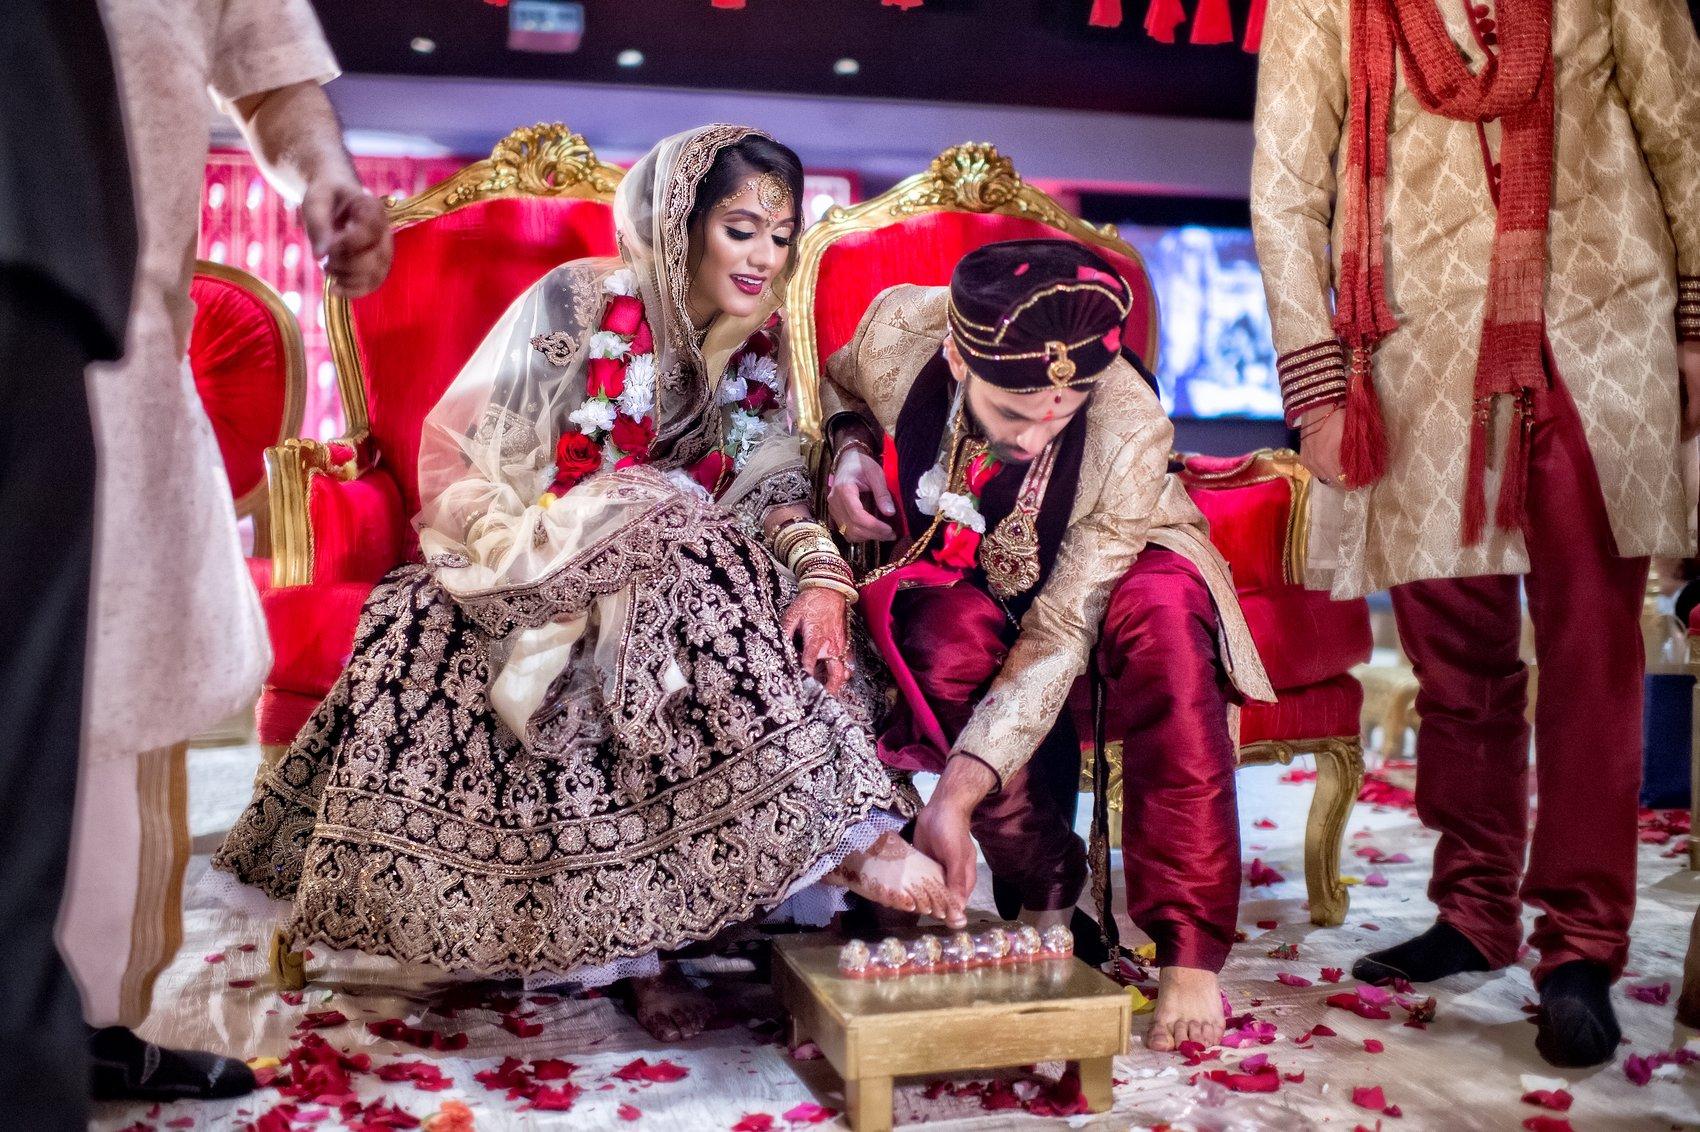 Megha + Vikash | Sneak peek, Miami Wedding Photographers | Häring Photography, Indian Wedding Photographer in Florida, Best Muslim, Hindu - South East Asian Wedding Photographers